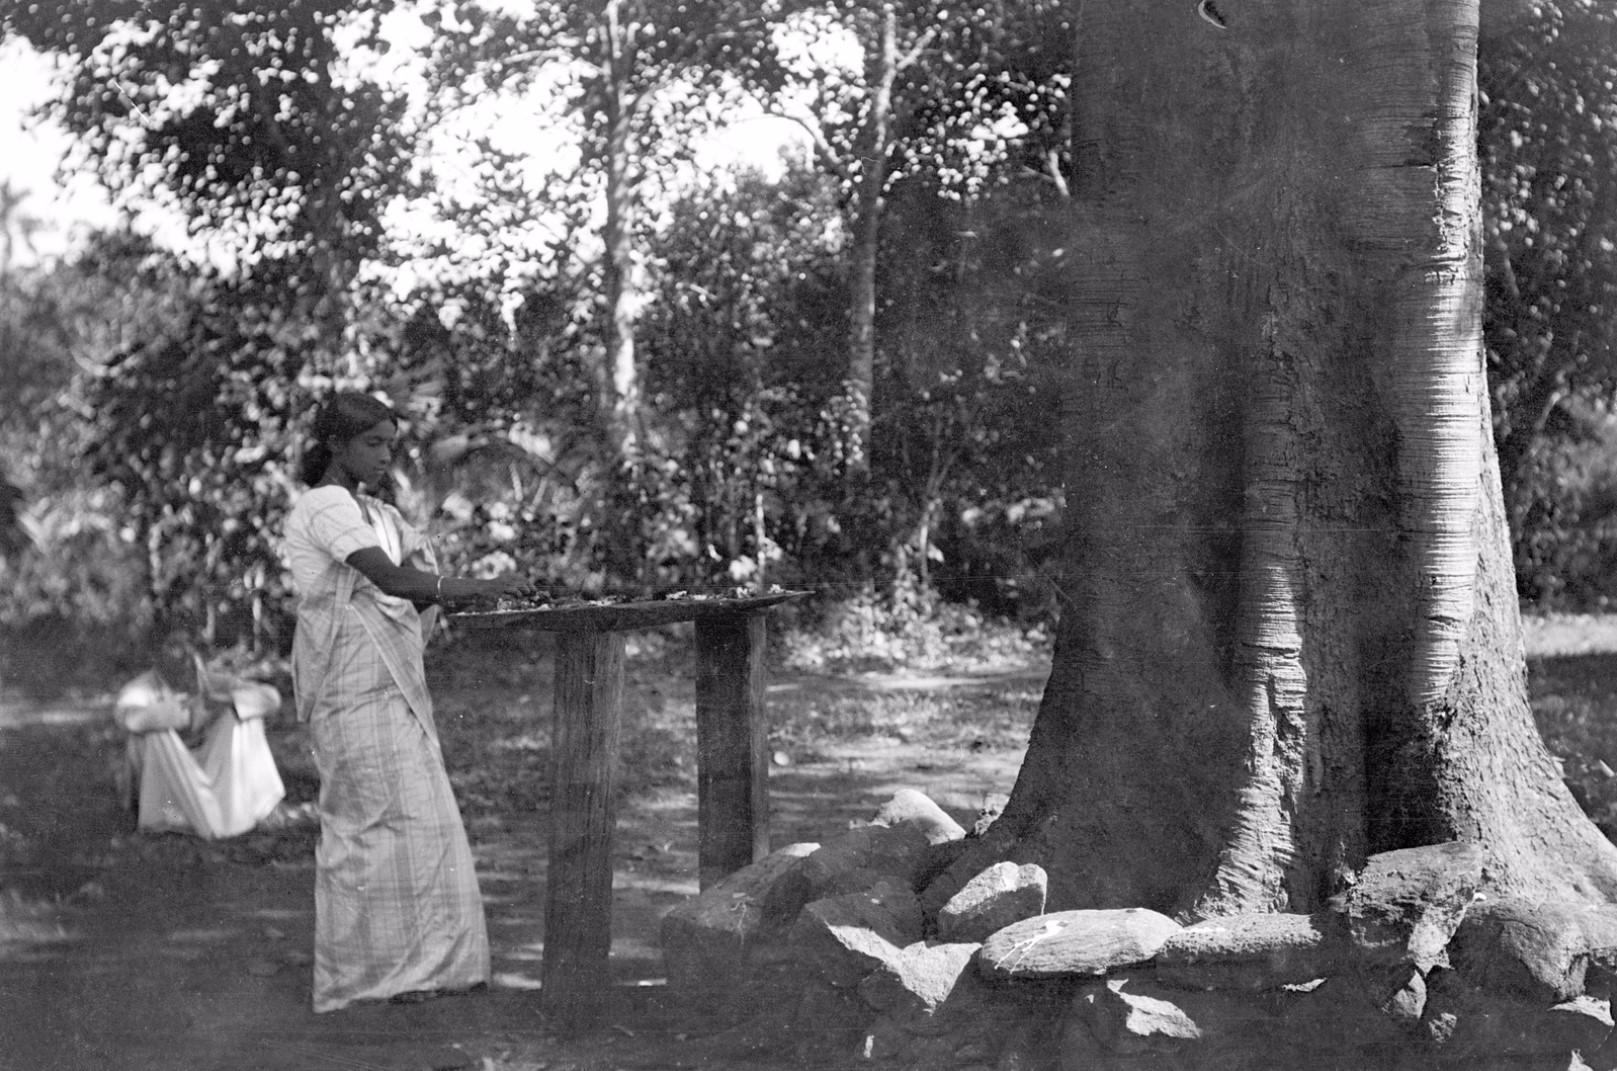 191. Окружной начальник с женой у священного дерева Бодхи в саду Валаувуa во время церемонии жертвоприношения